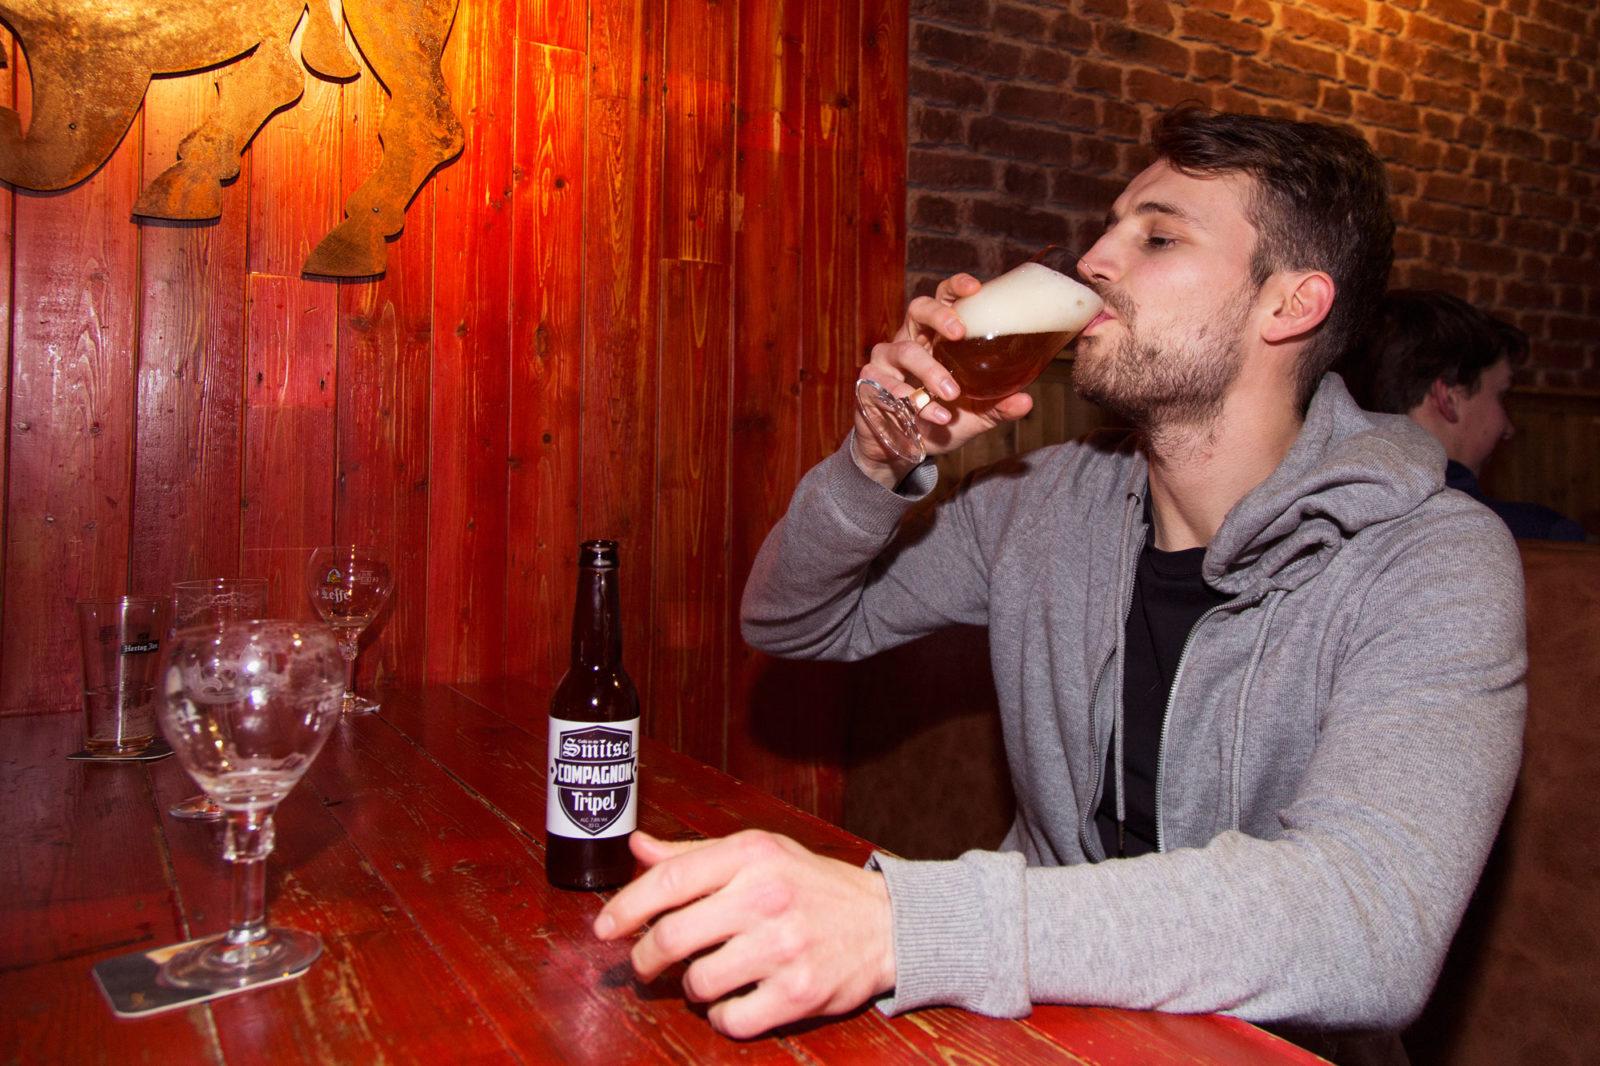 Tobias-Sinding-Brouwerij-Tureluur-Smitse